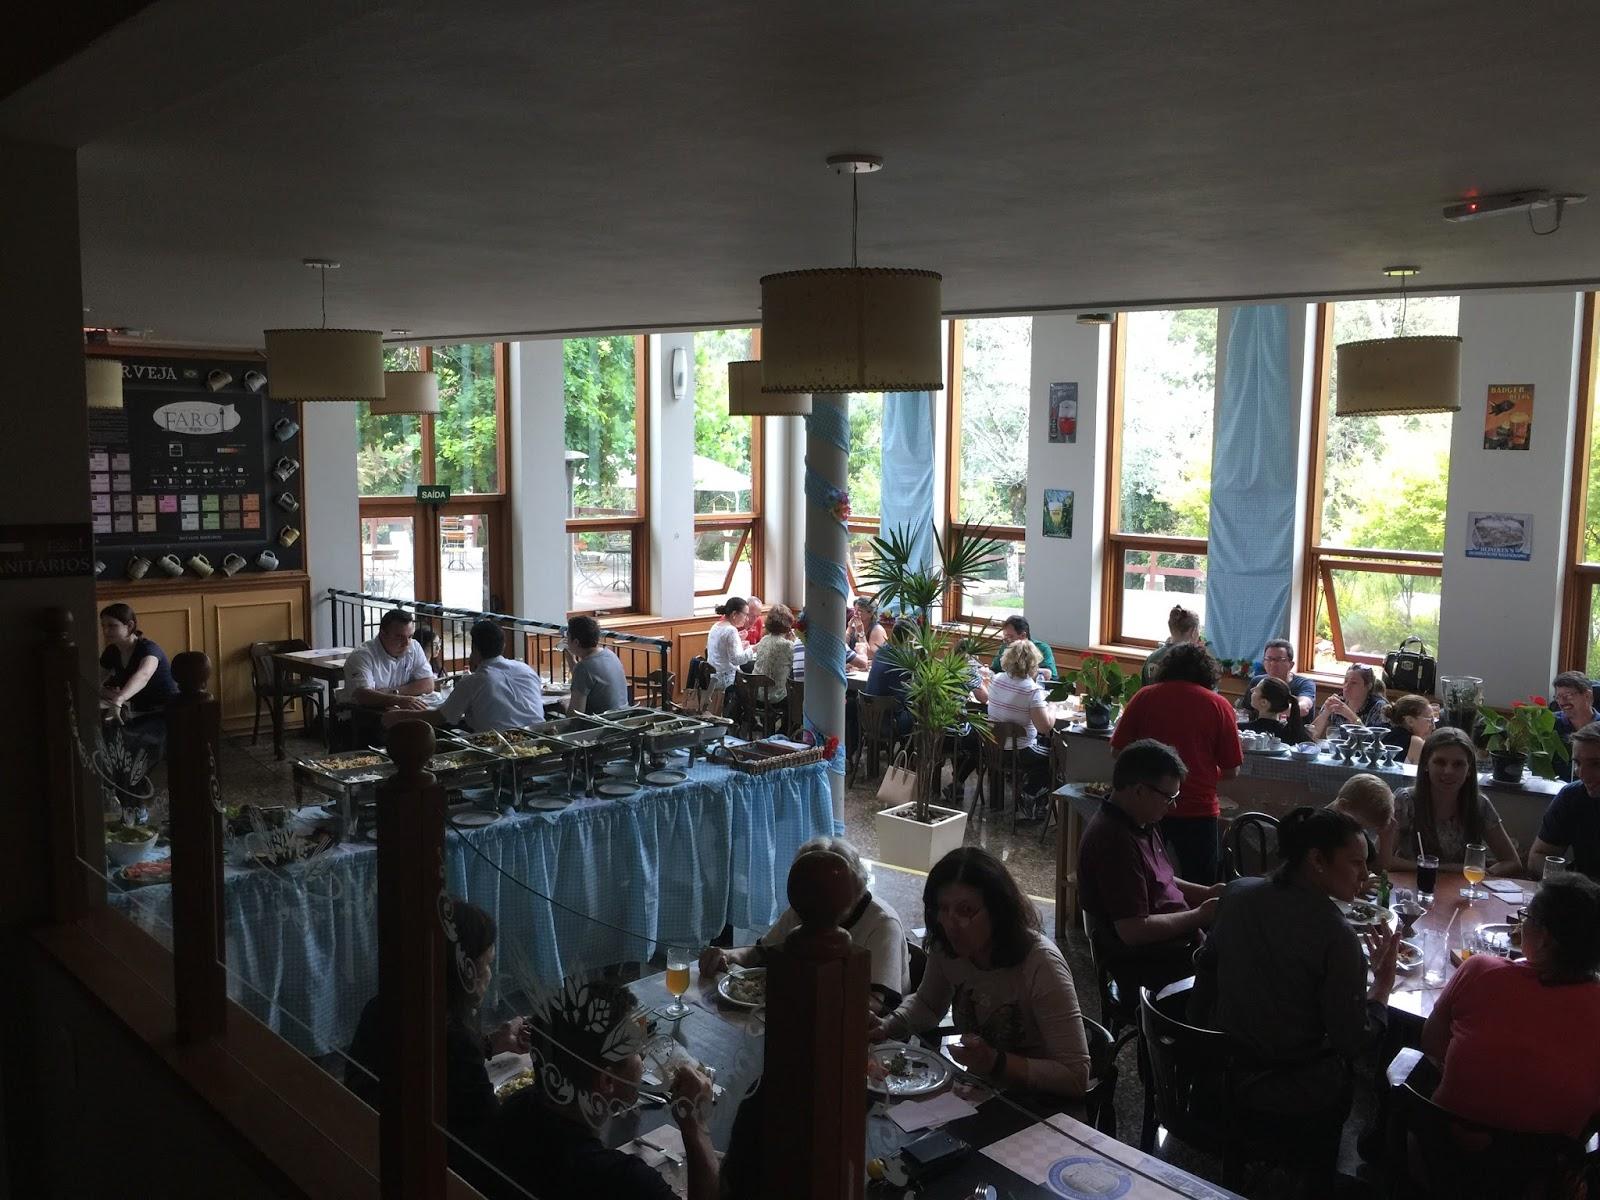 Restaurante da cervejaria Farol